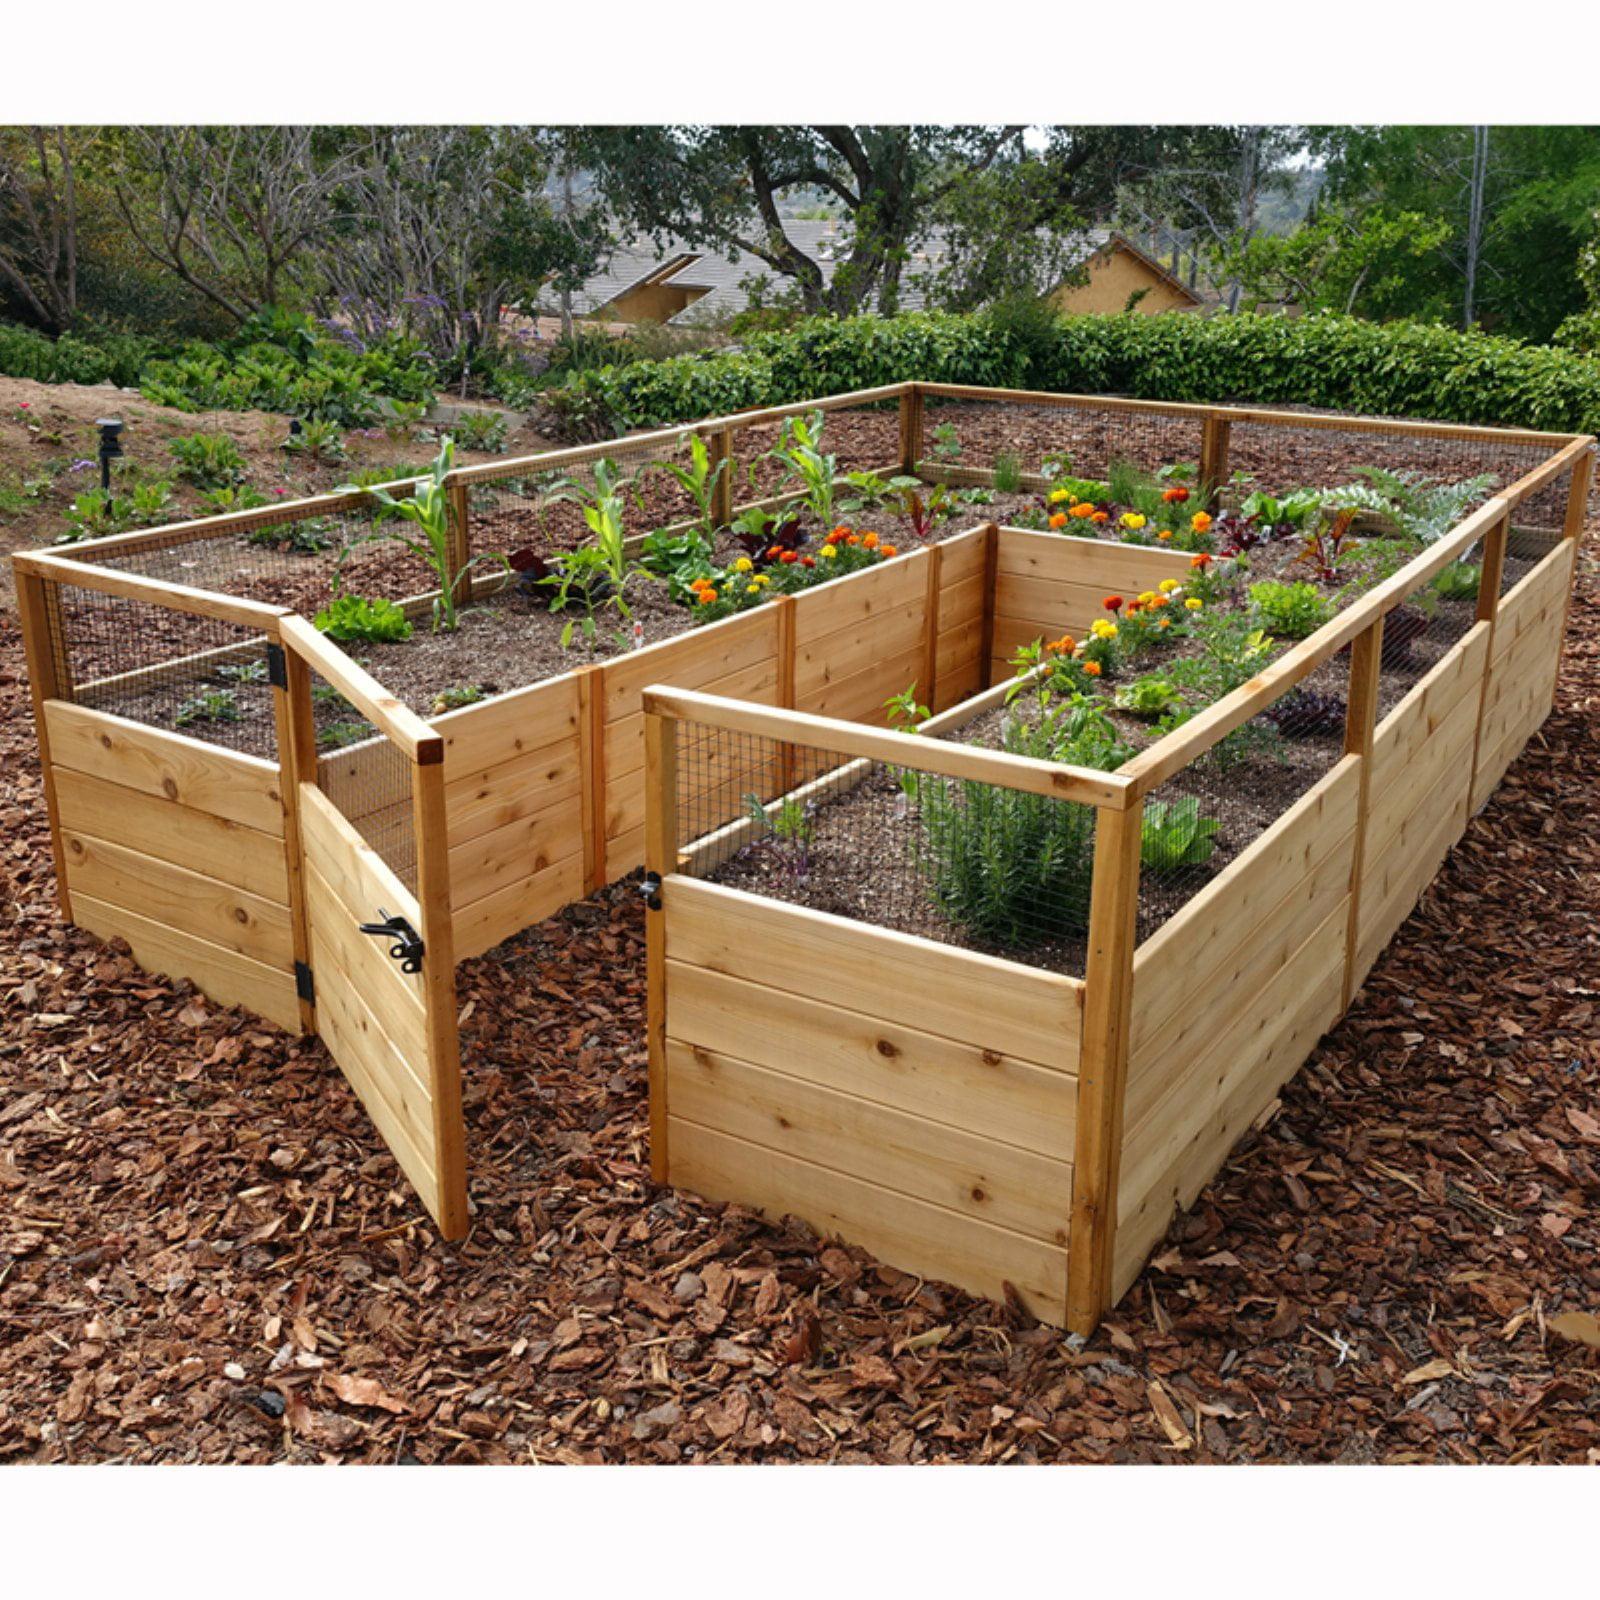 Outdoor Living Today Raised Cedar Garden Bed - 8 x 12 ft.